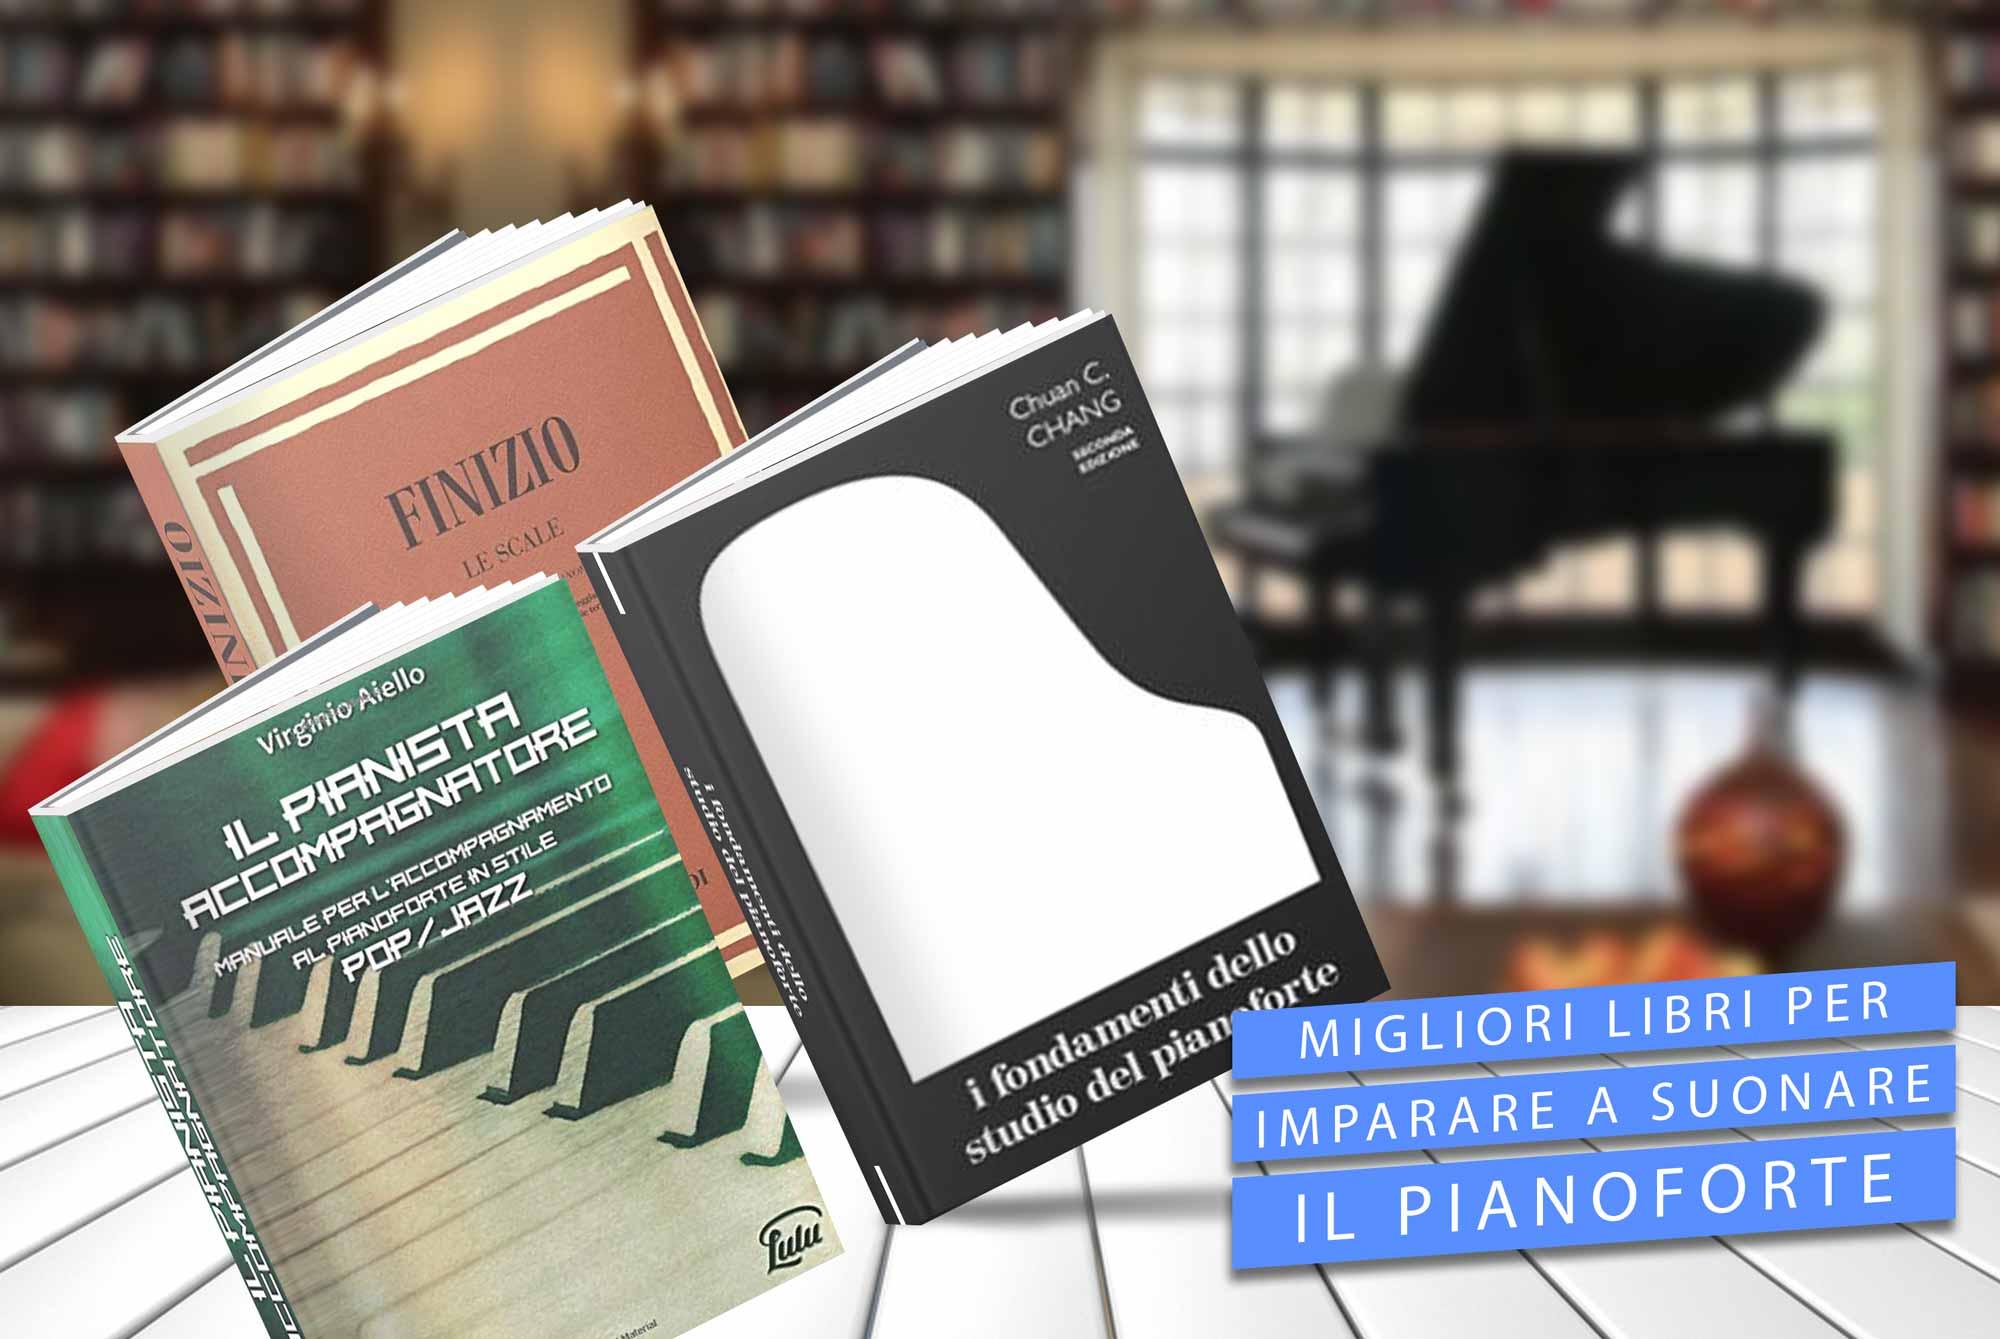 libri-imparare-a-suonare-il-pianoforte